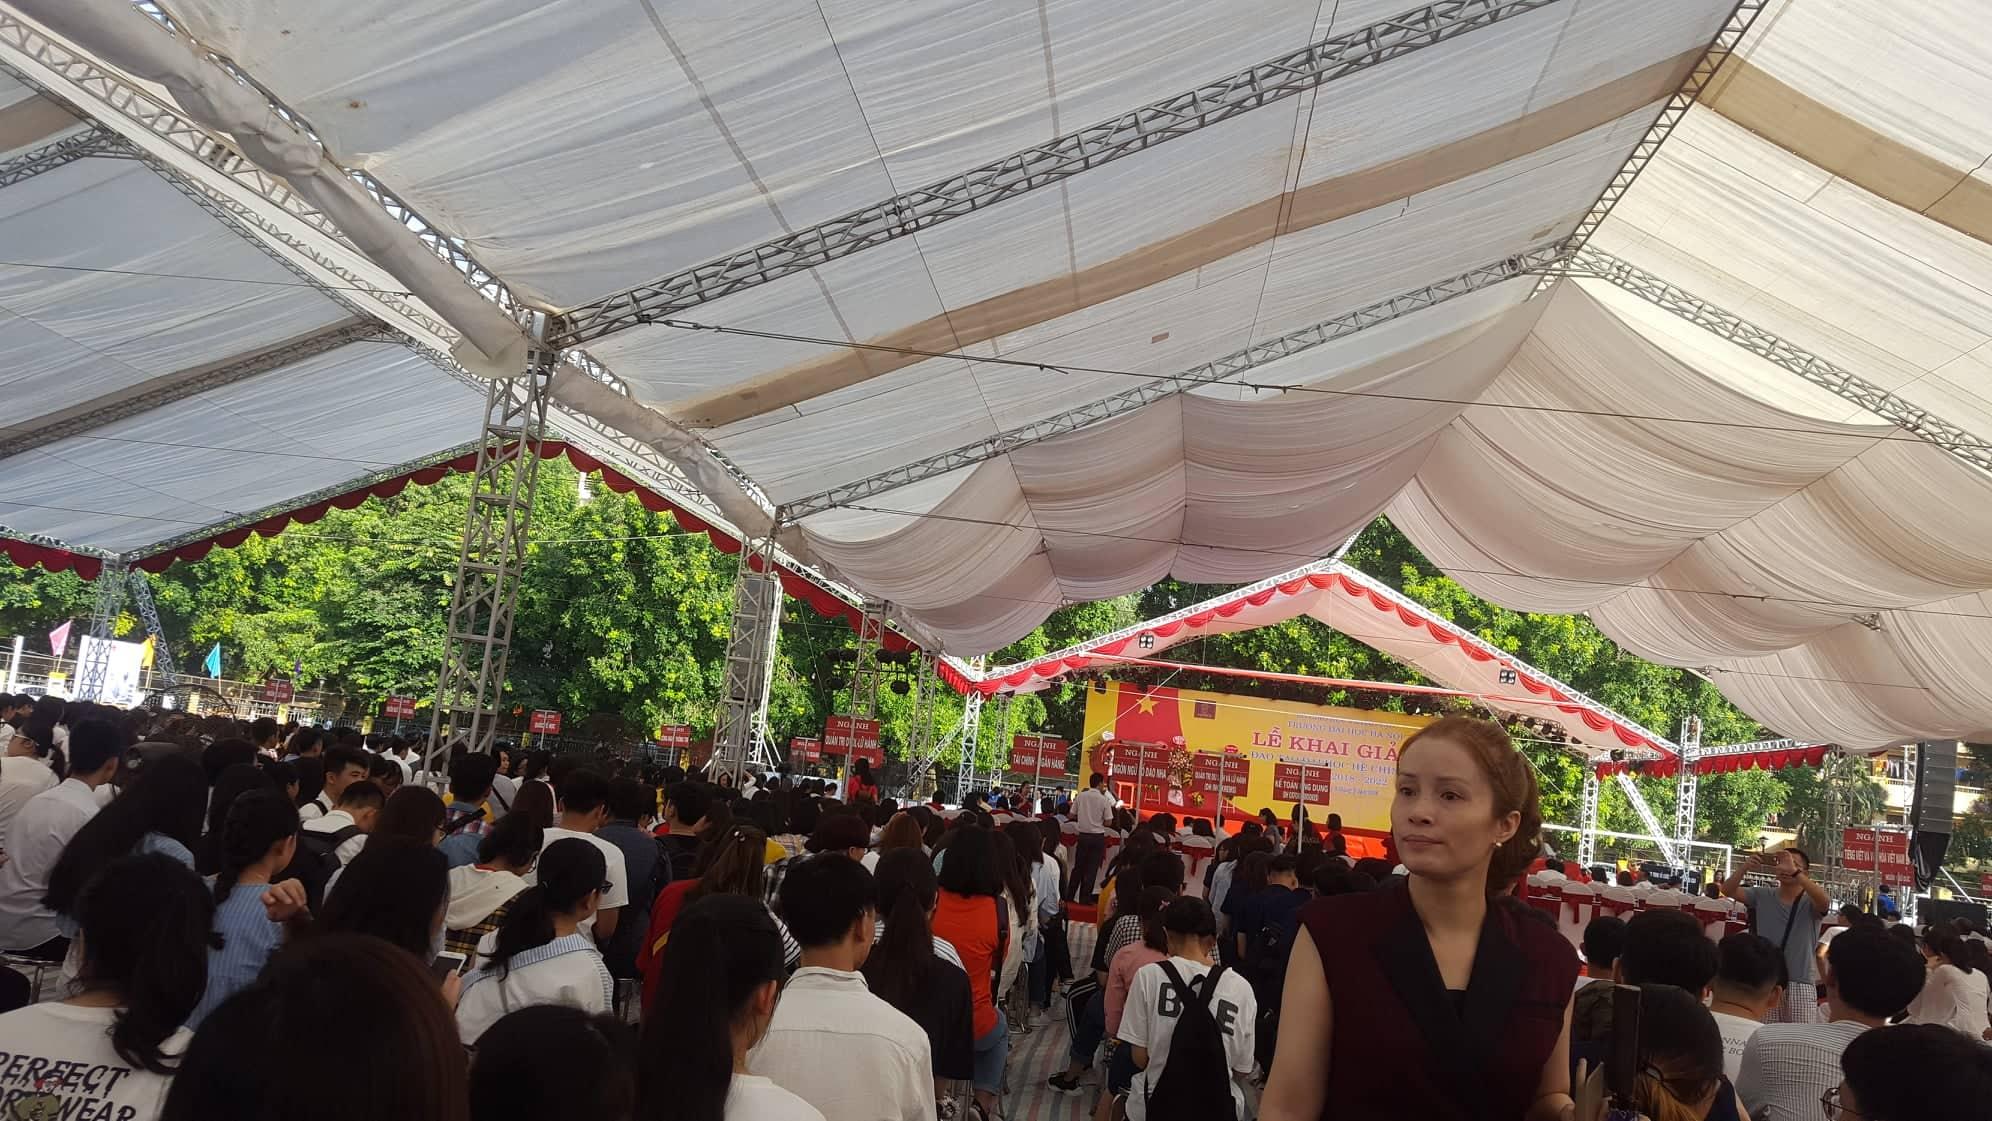 ベトナム留学をする前に英語は勉強しておくべきなの?経験談を紹介